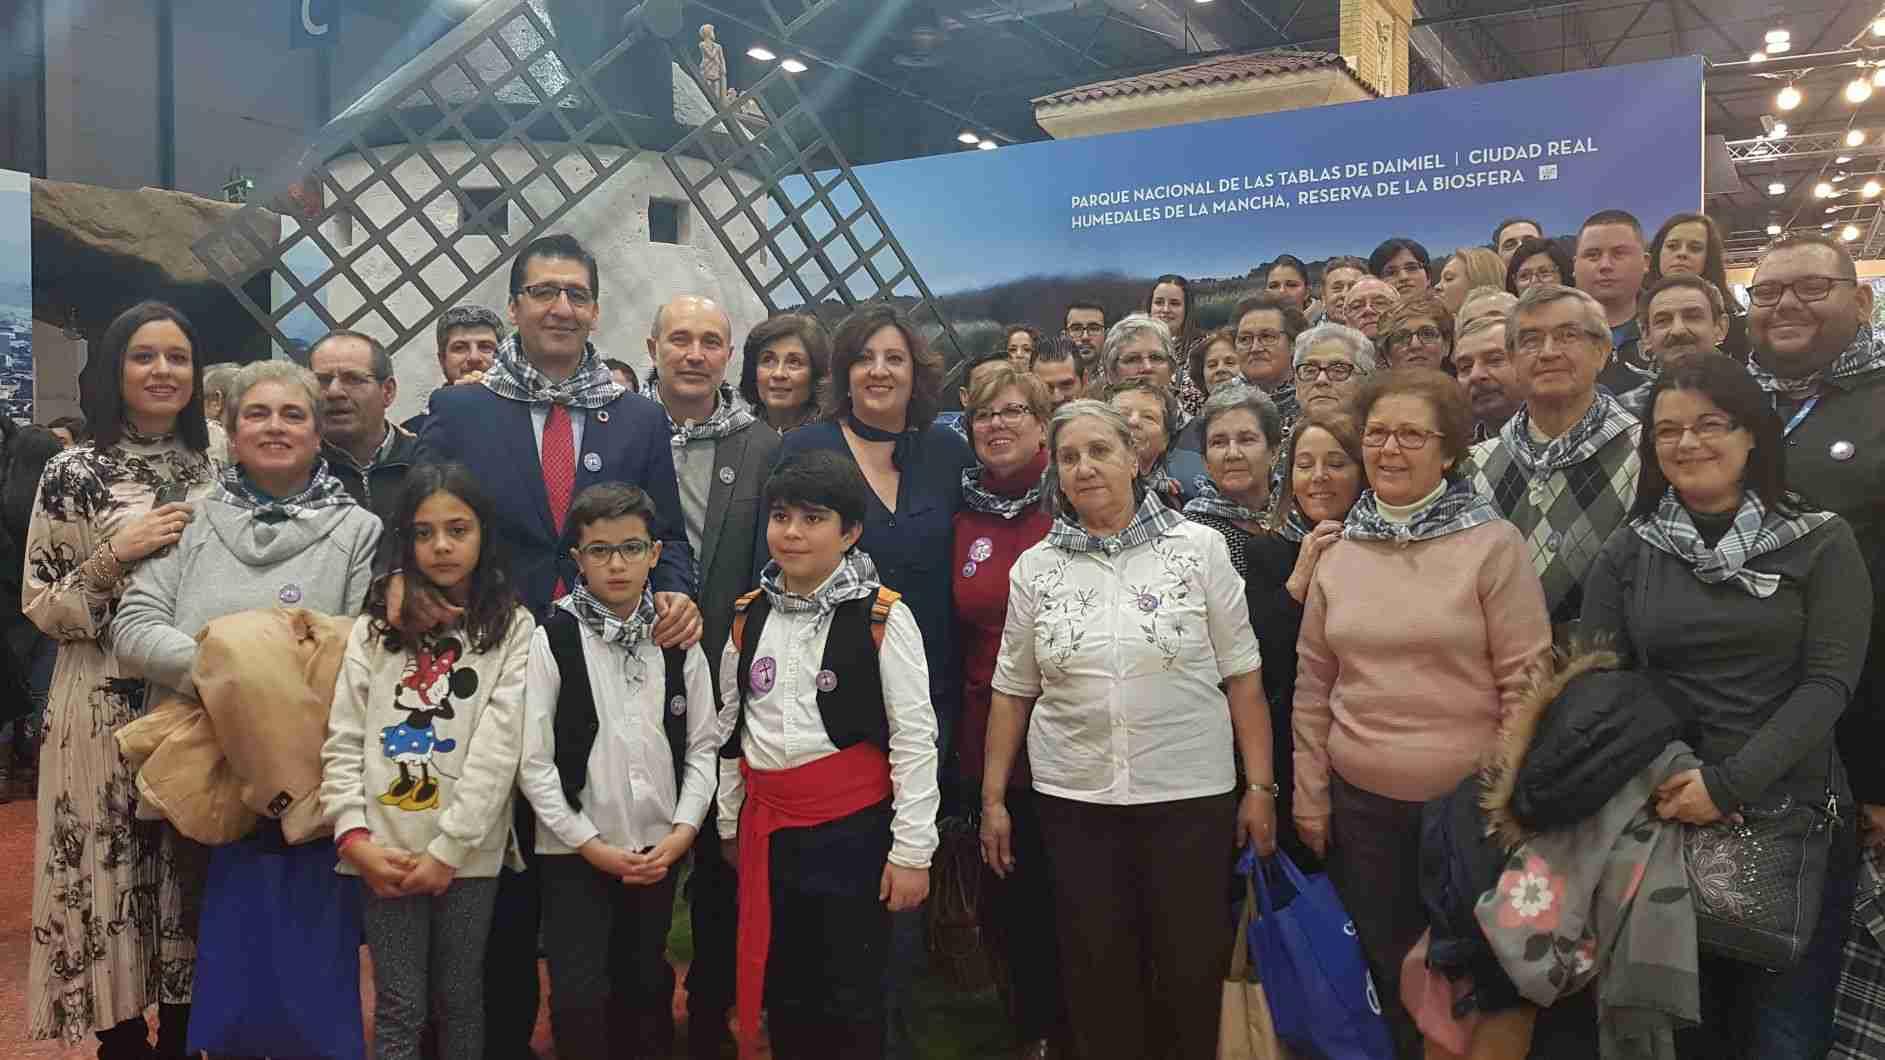 La música de los mayeros de Piedrabuena alegra el sábado de FITUR, Fiesta que aspira a ser declarada de Interés Turístico Nacional 9